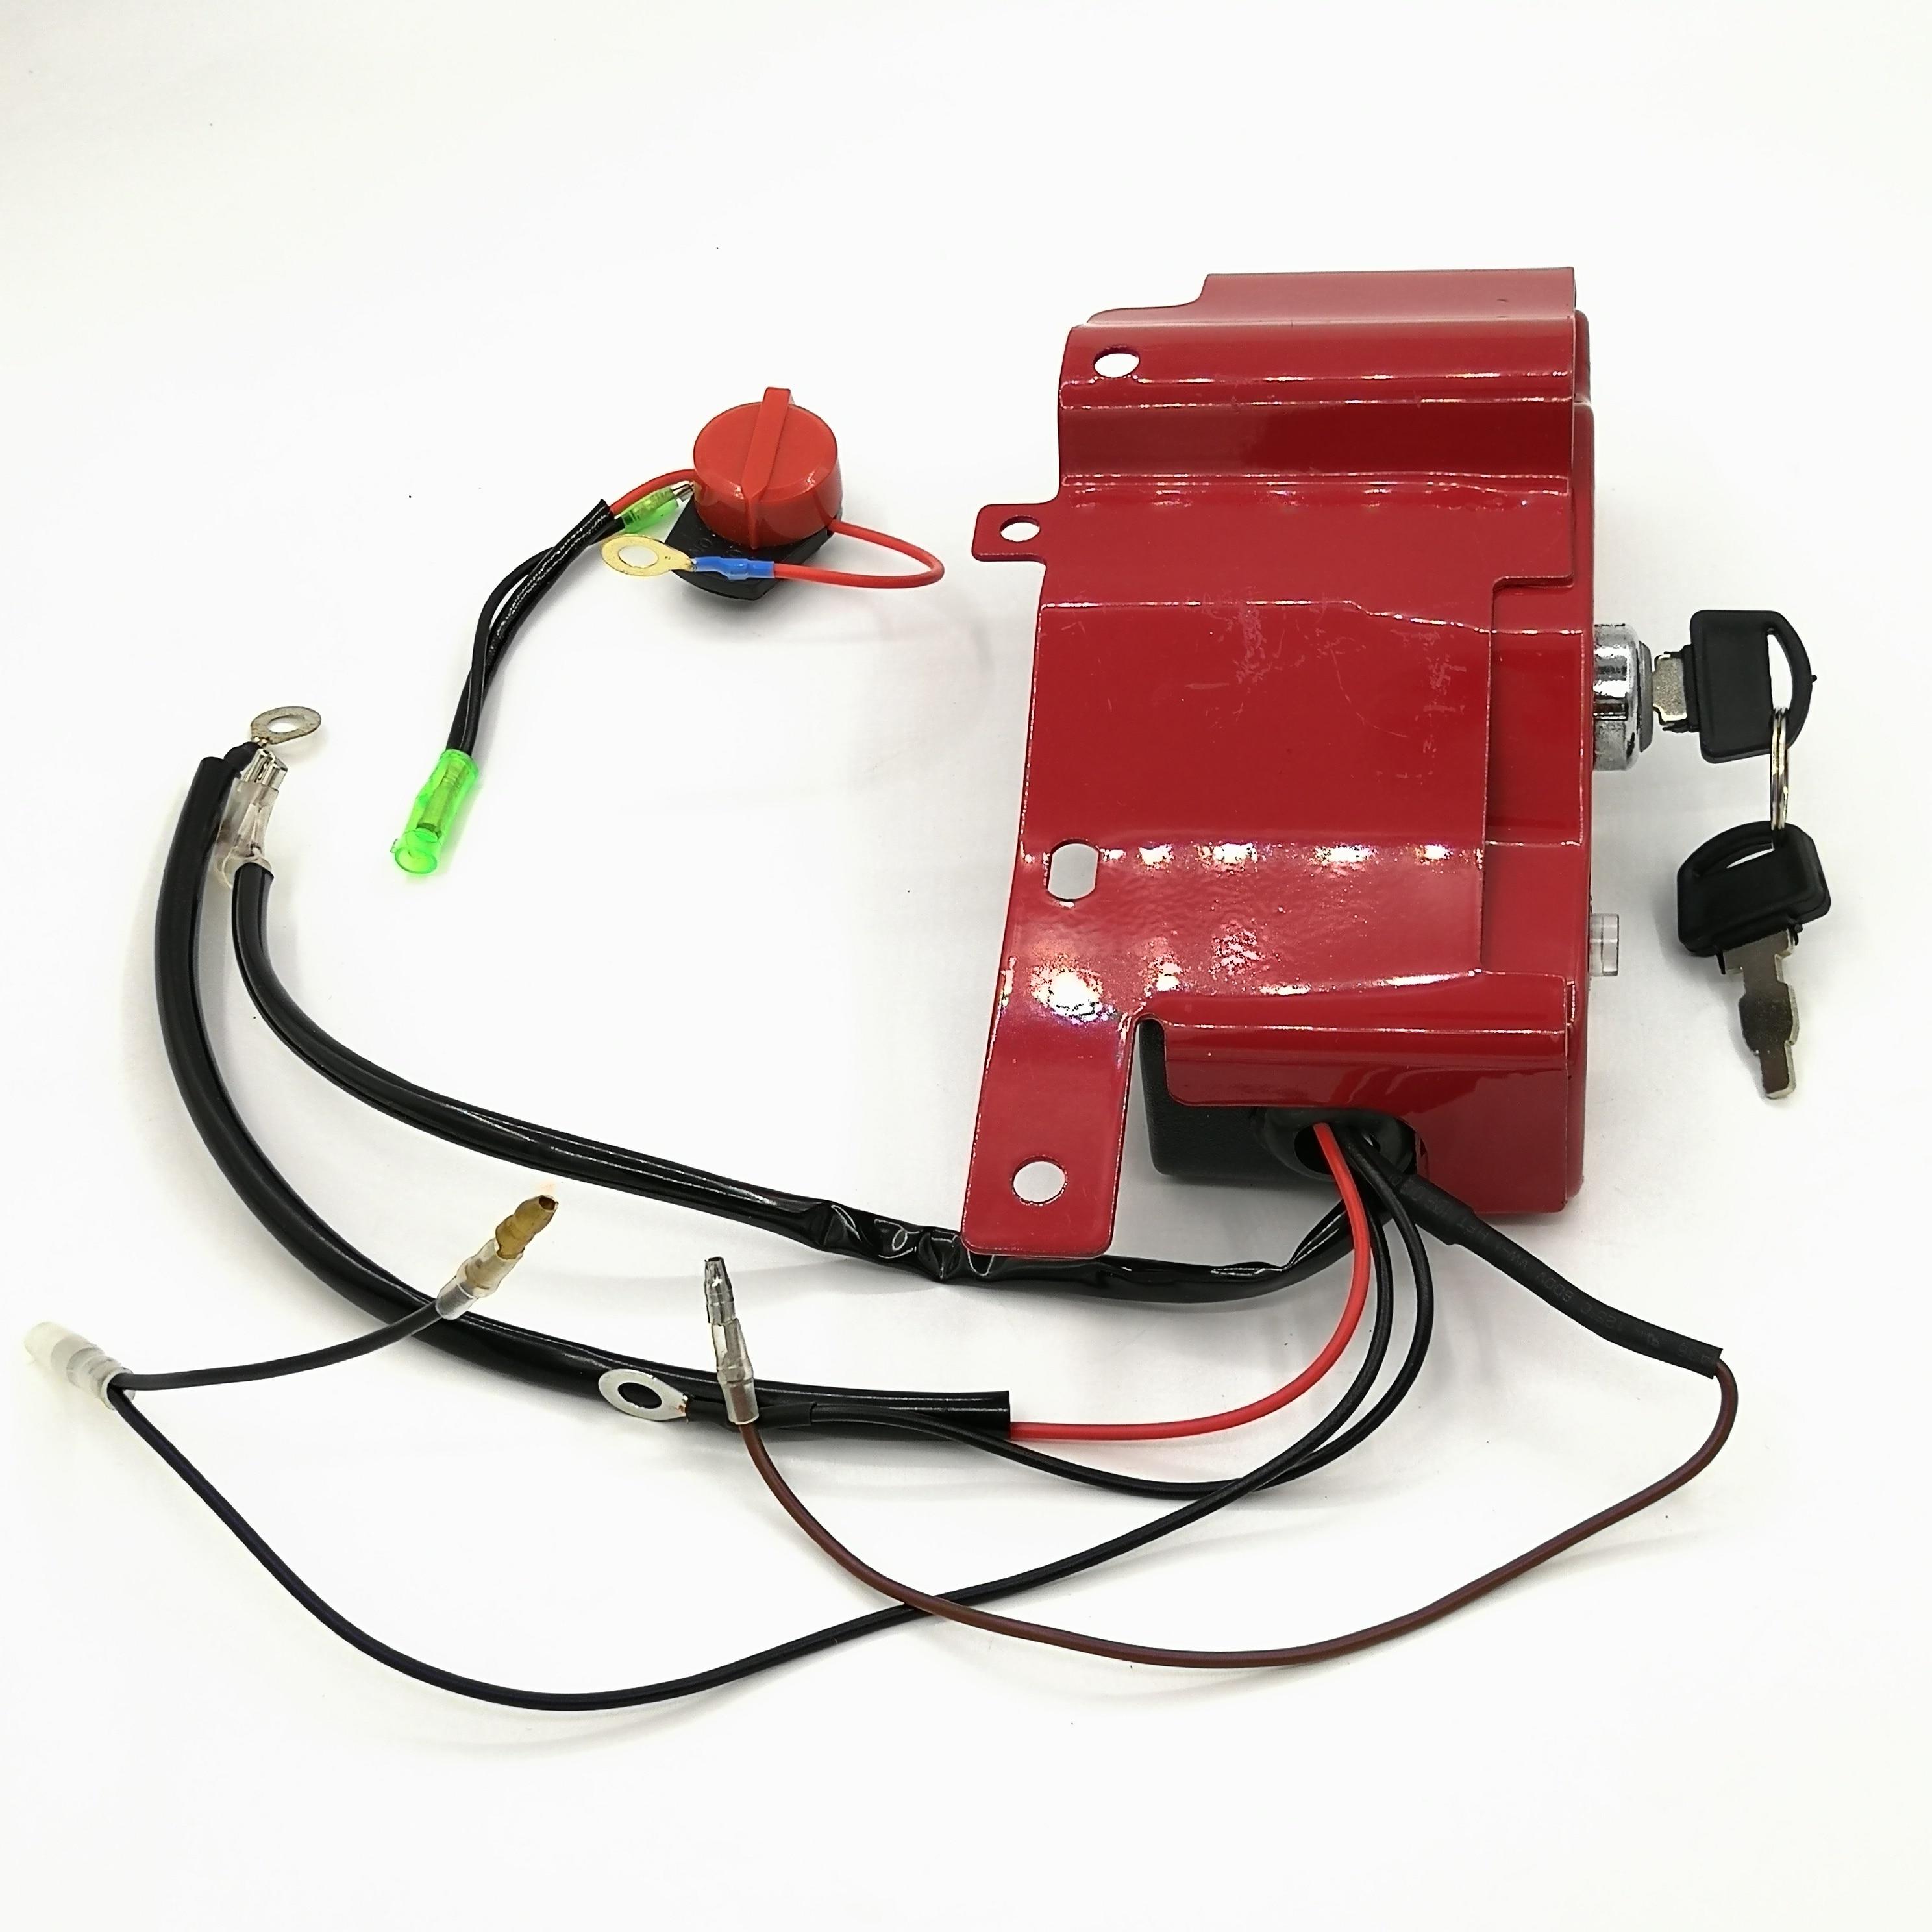 Ignición On-Off botón de la caja para HONDA GX 390 340 chino 188F 190F 5KW 6.5KW 11hp 13hp motor de Gas partes de generador de gasolina